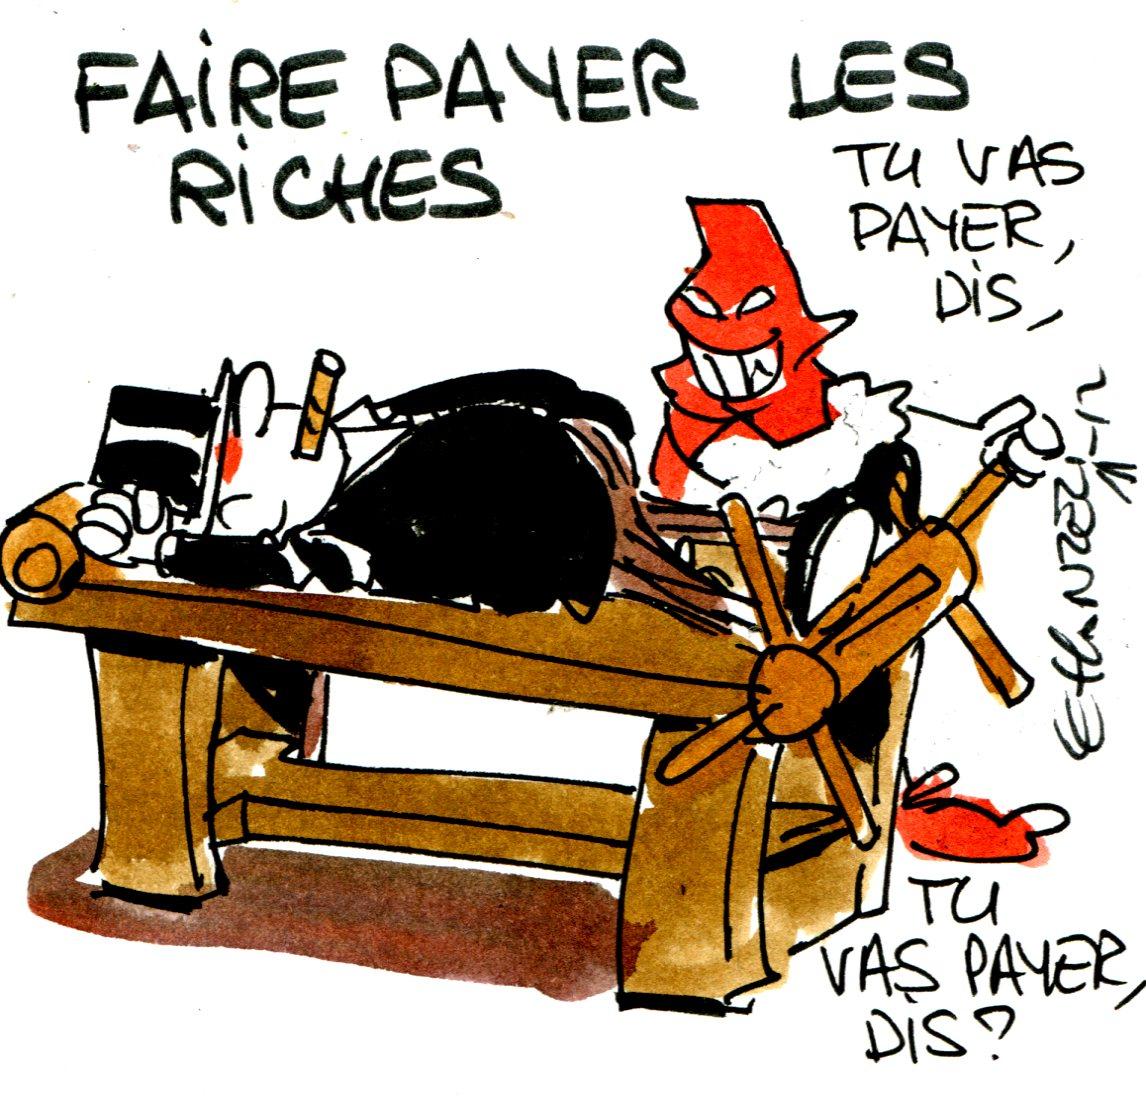 Faire payer les riches (Crédits : René Le Honzec/Contrepoints.org, licence CC-BY 2.0)